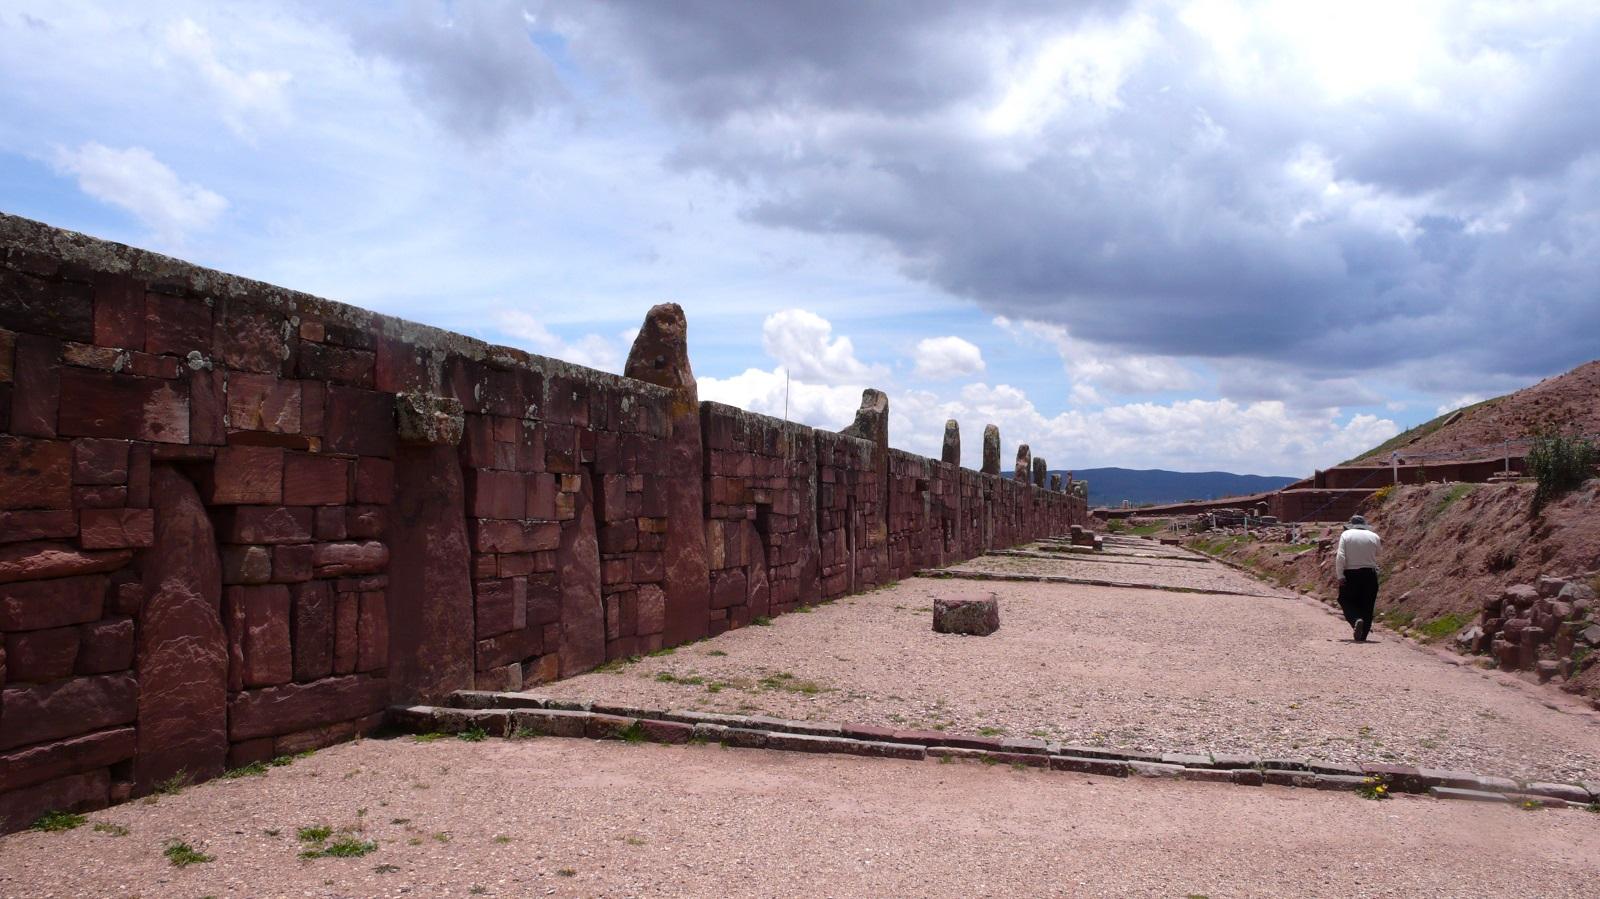 Kalasasaya-temppelin kaksituhatvuotista kivimuuria. Kalasasaya tarkoittaa vapaasti käännettynä seisovaa kiveä.